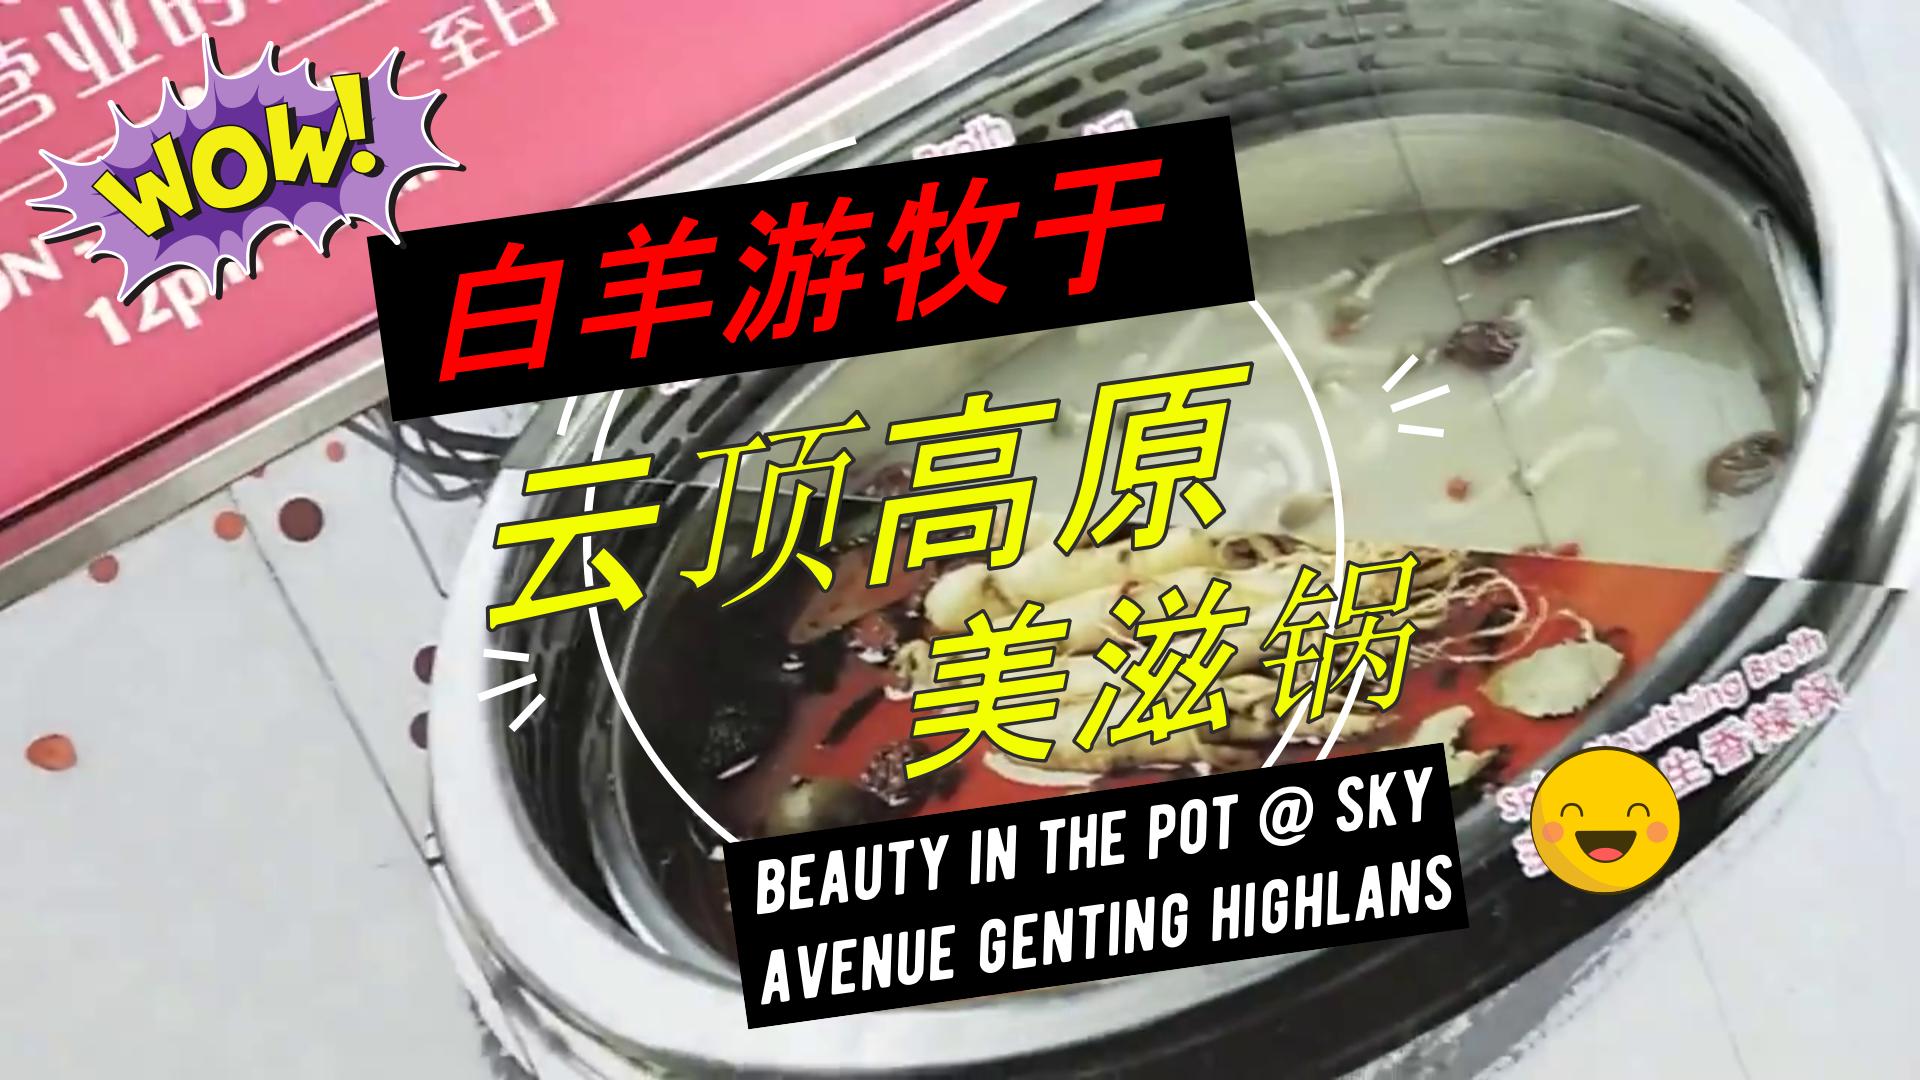 [云顶高原2020]  火锅推介之美滋锅   Beauty in the pot